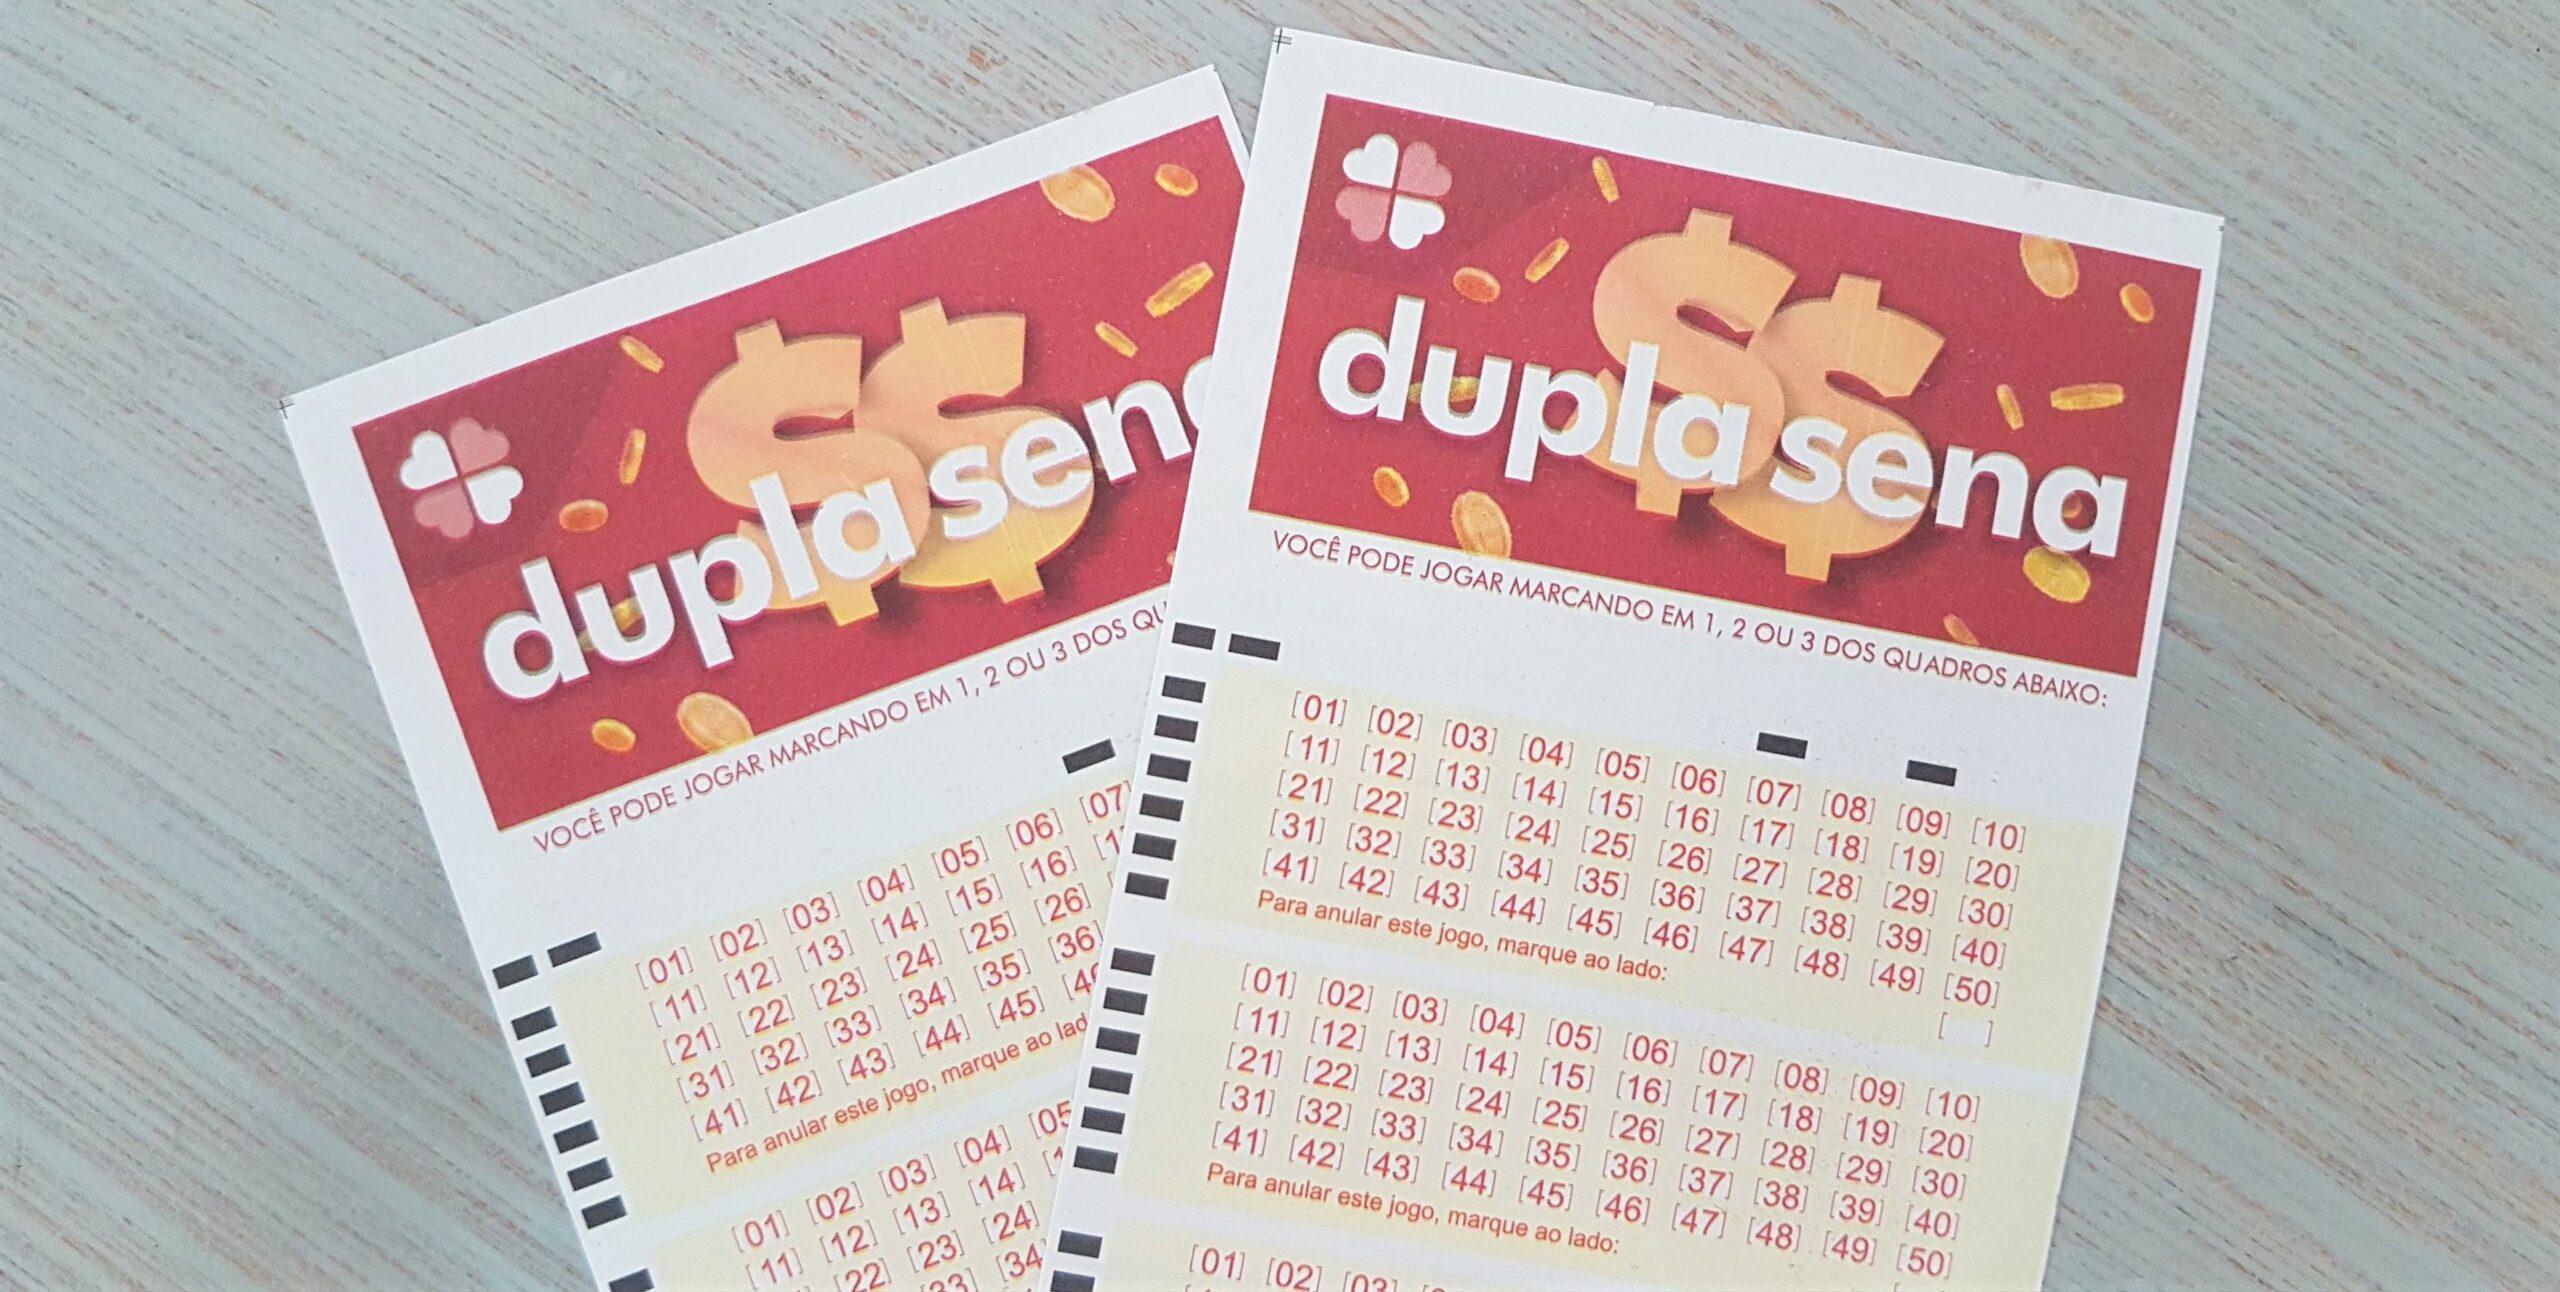 Resultado da Dupla Sena 2173 - A imagem mostra duas cartelas da Dupla Sena, uma sob a outra